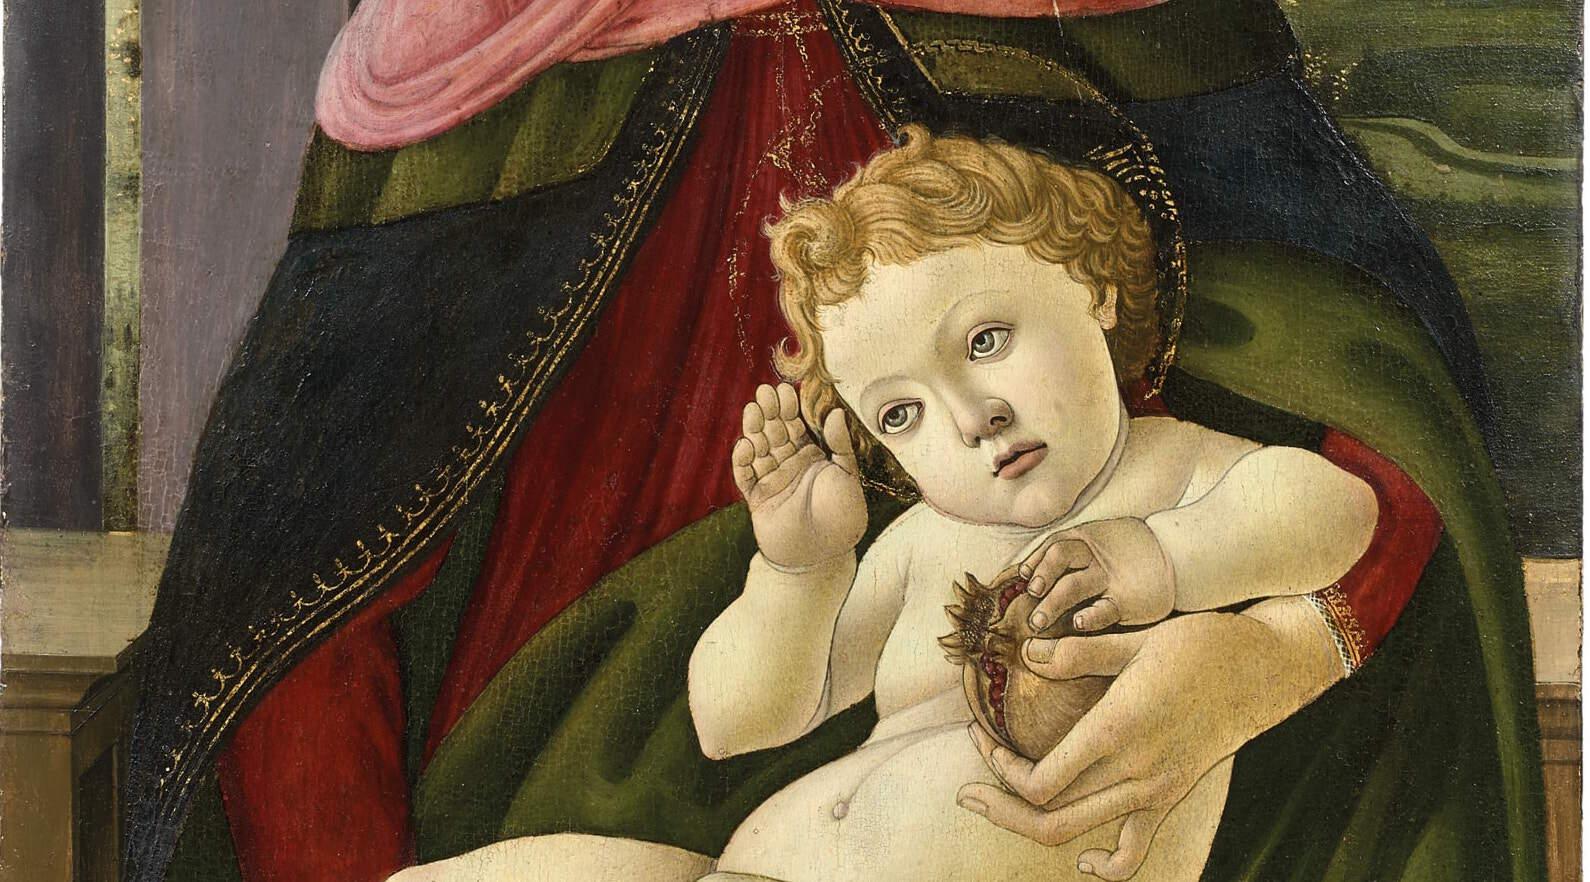 Botticelli madone à la grenade enchères Drouot Audap Mirabeau